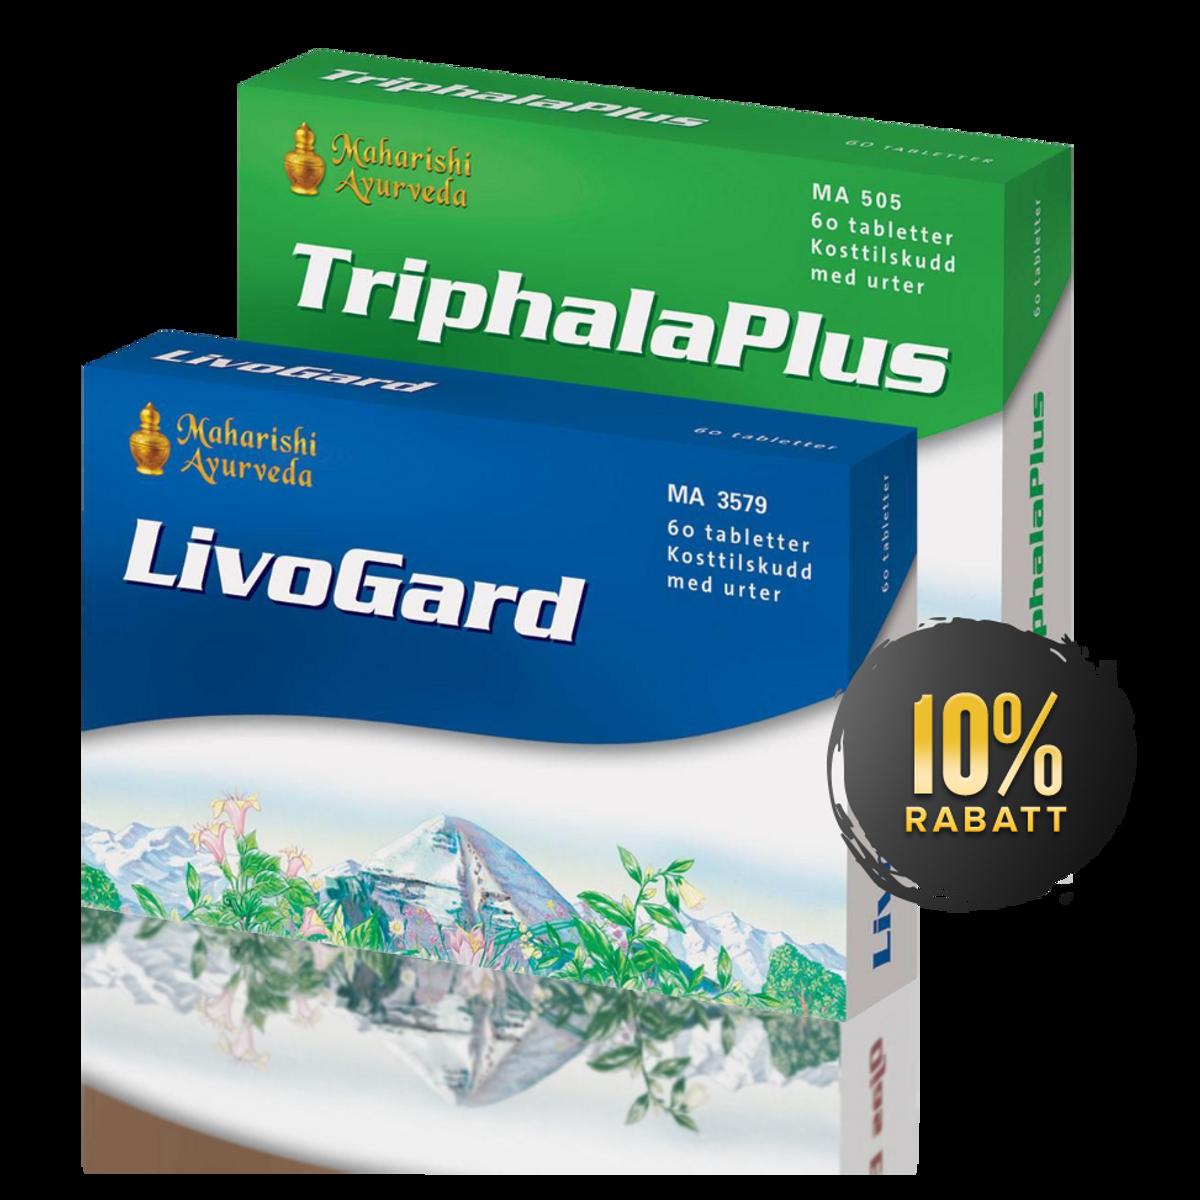 Rensepakken for fordøyelsen (Triphala Plus + Livogard)